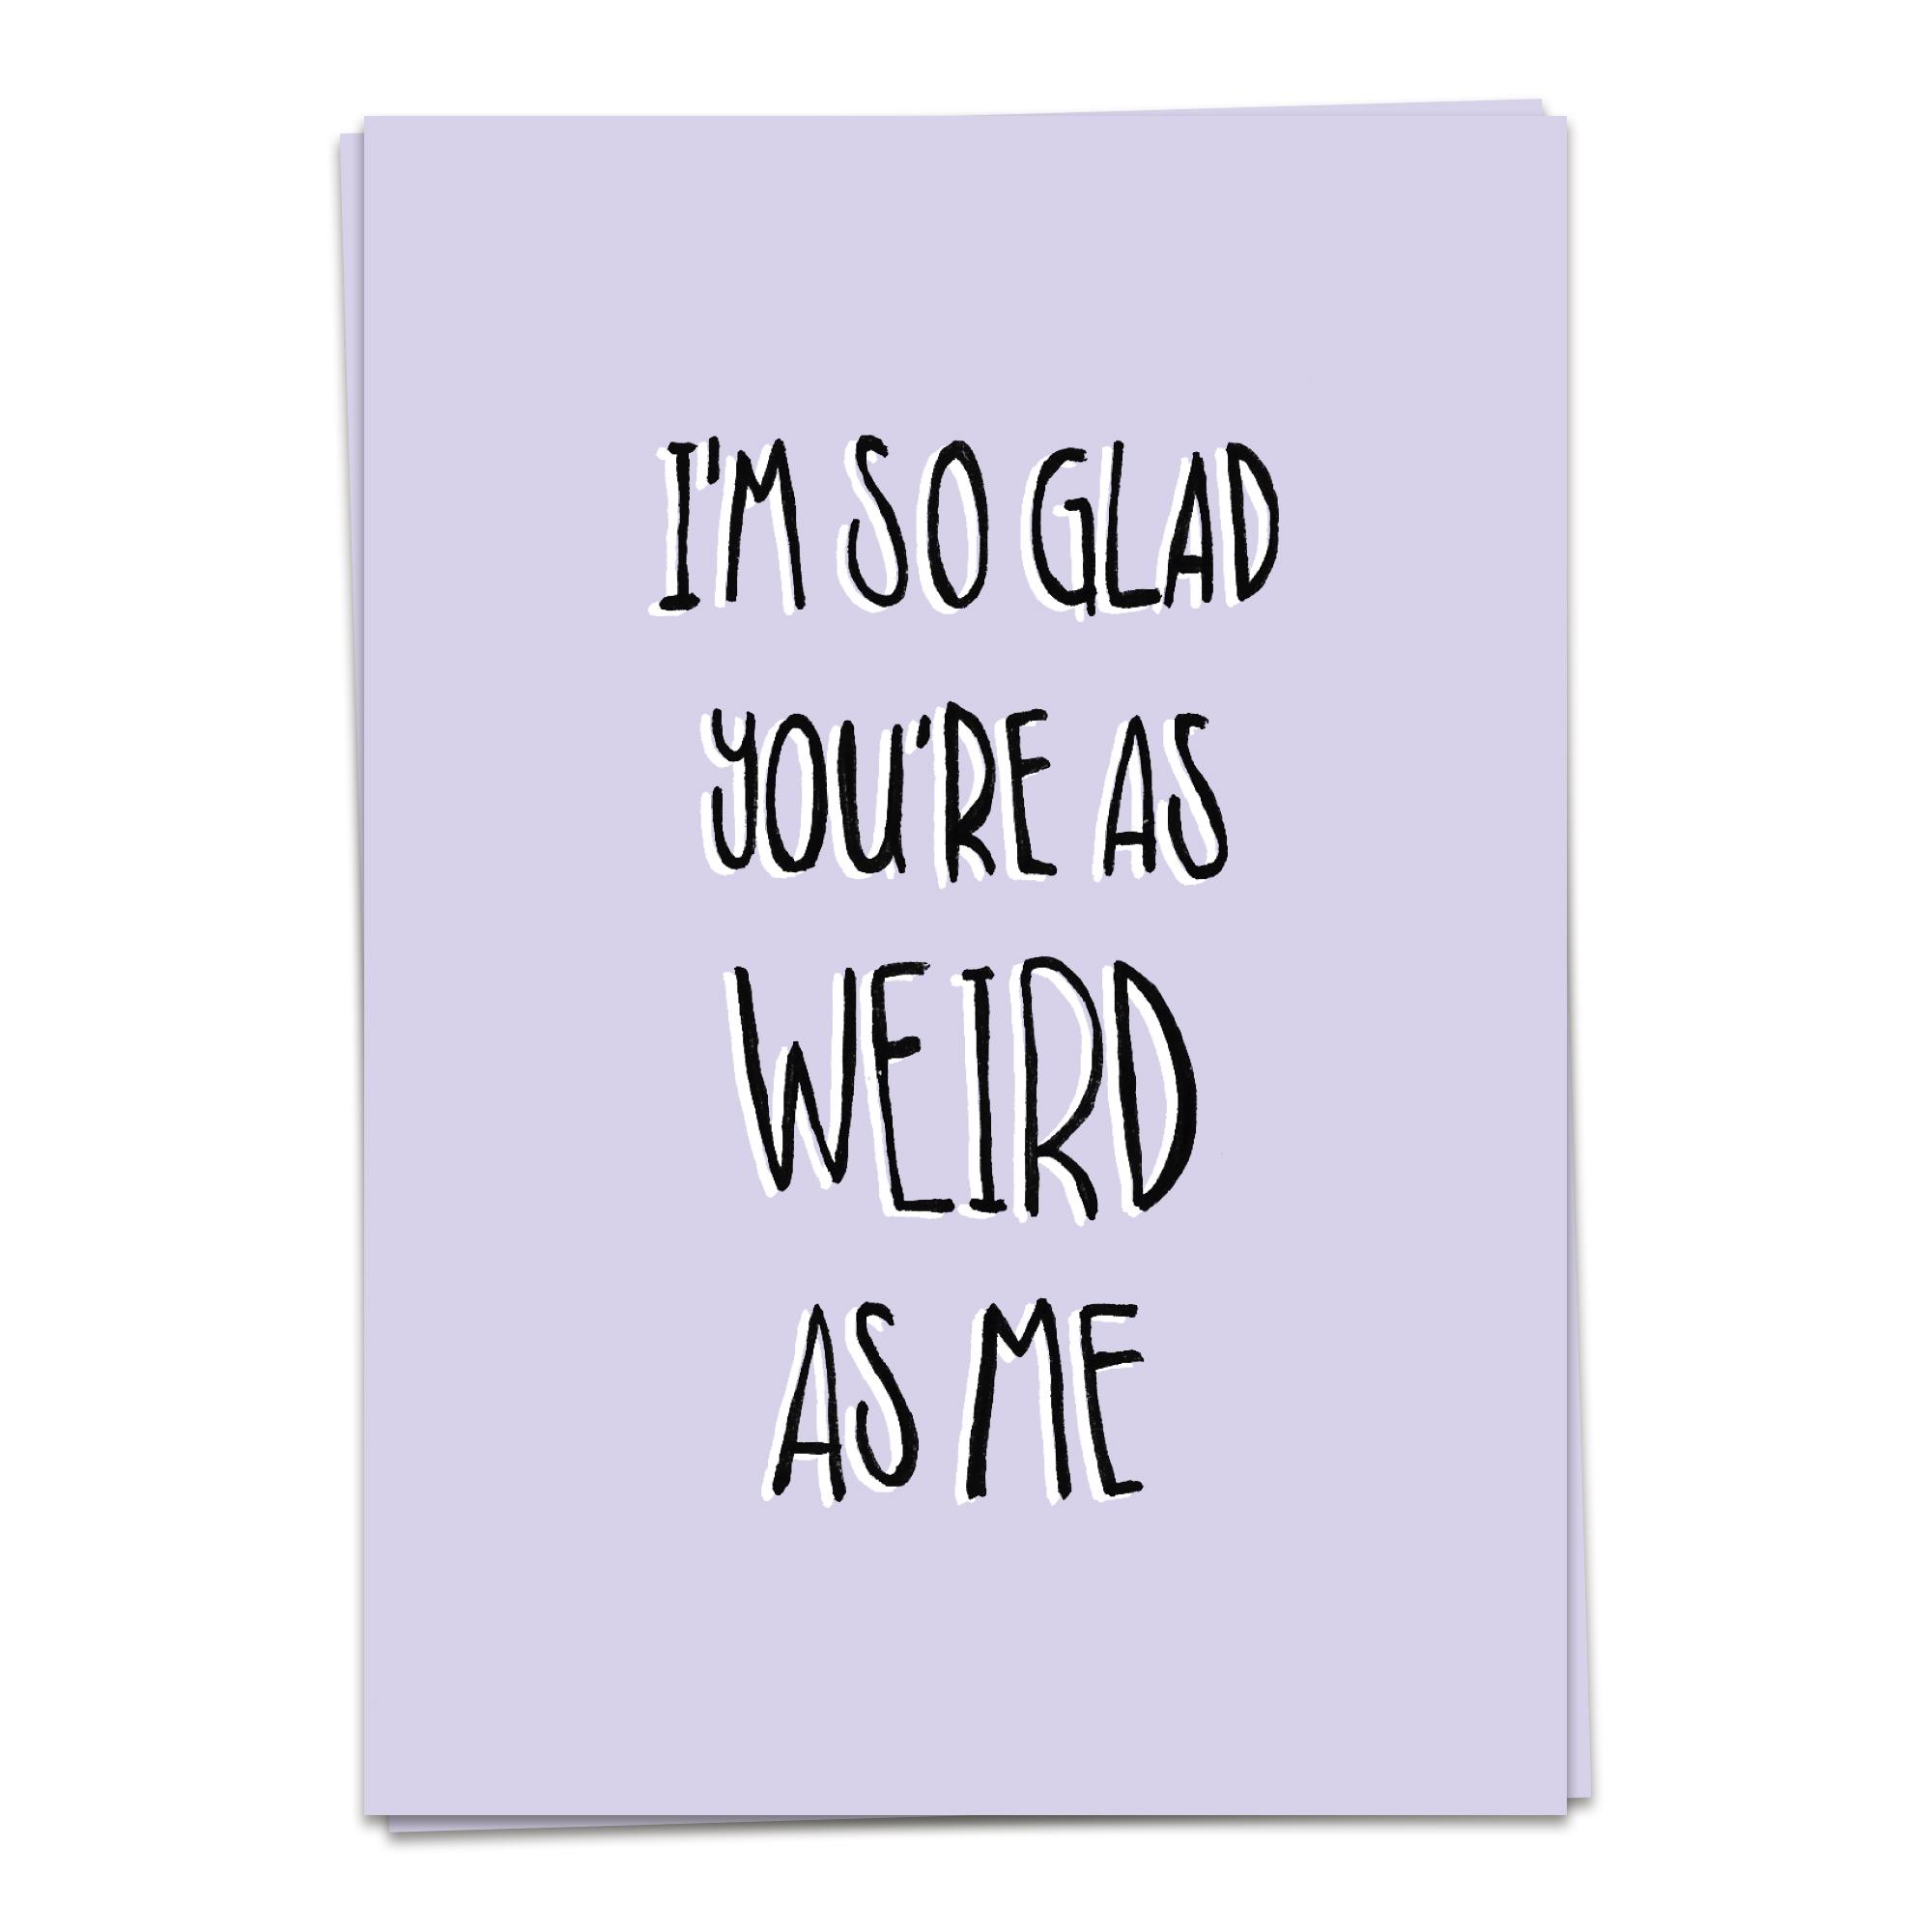 BFF - Weird as me